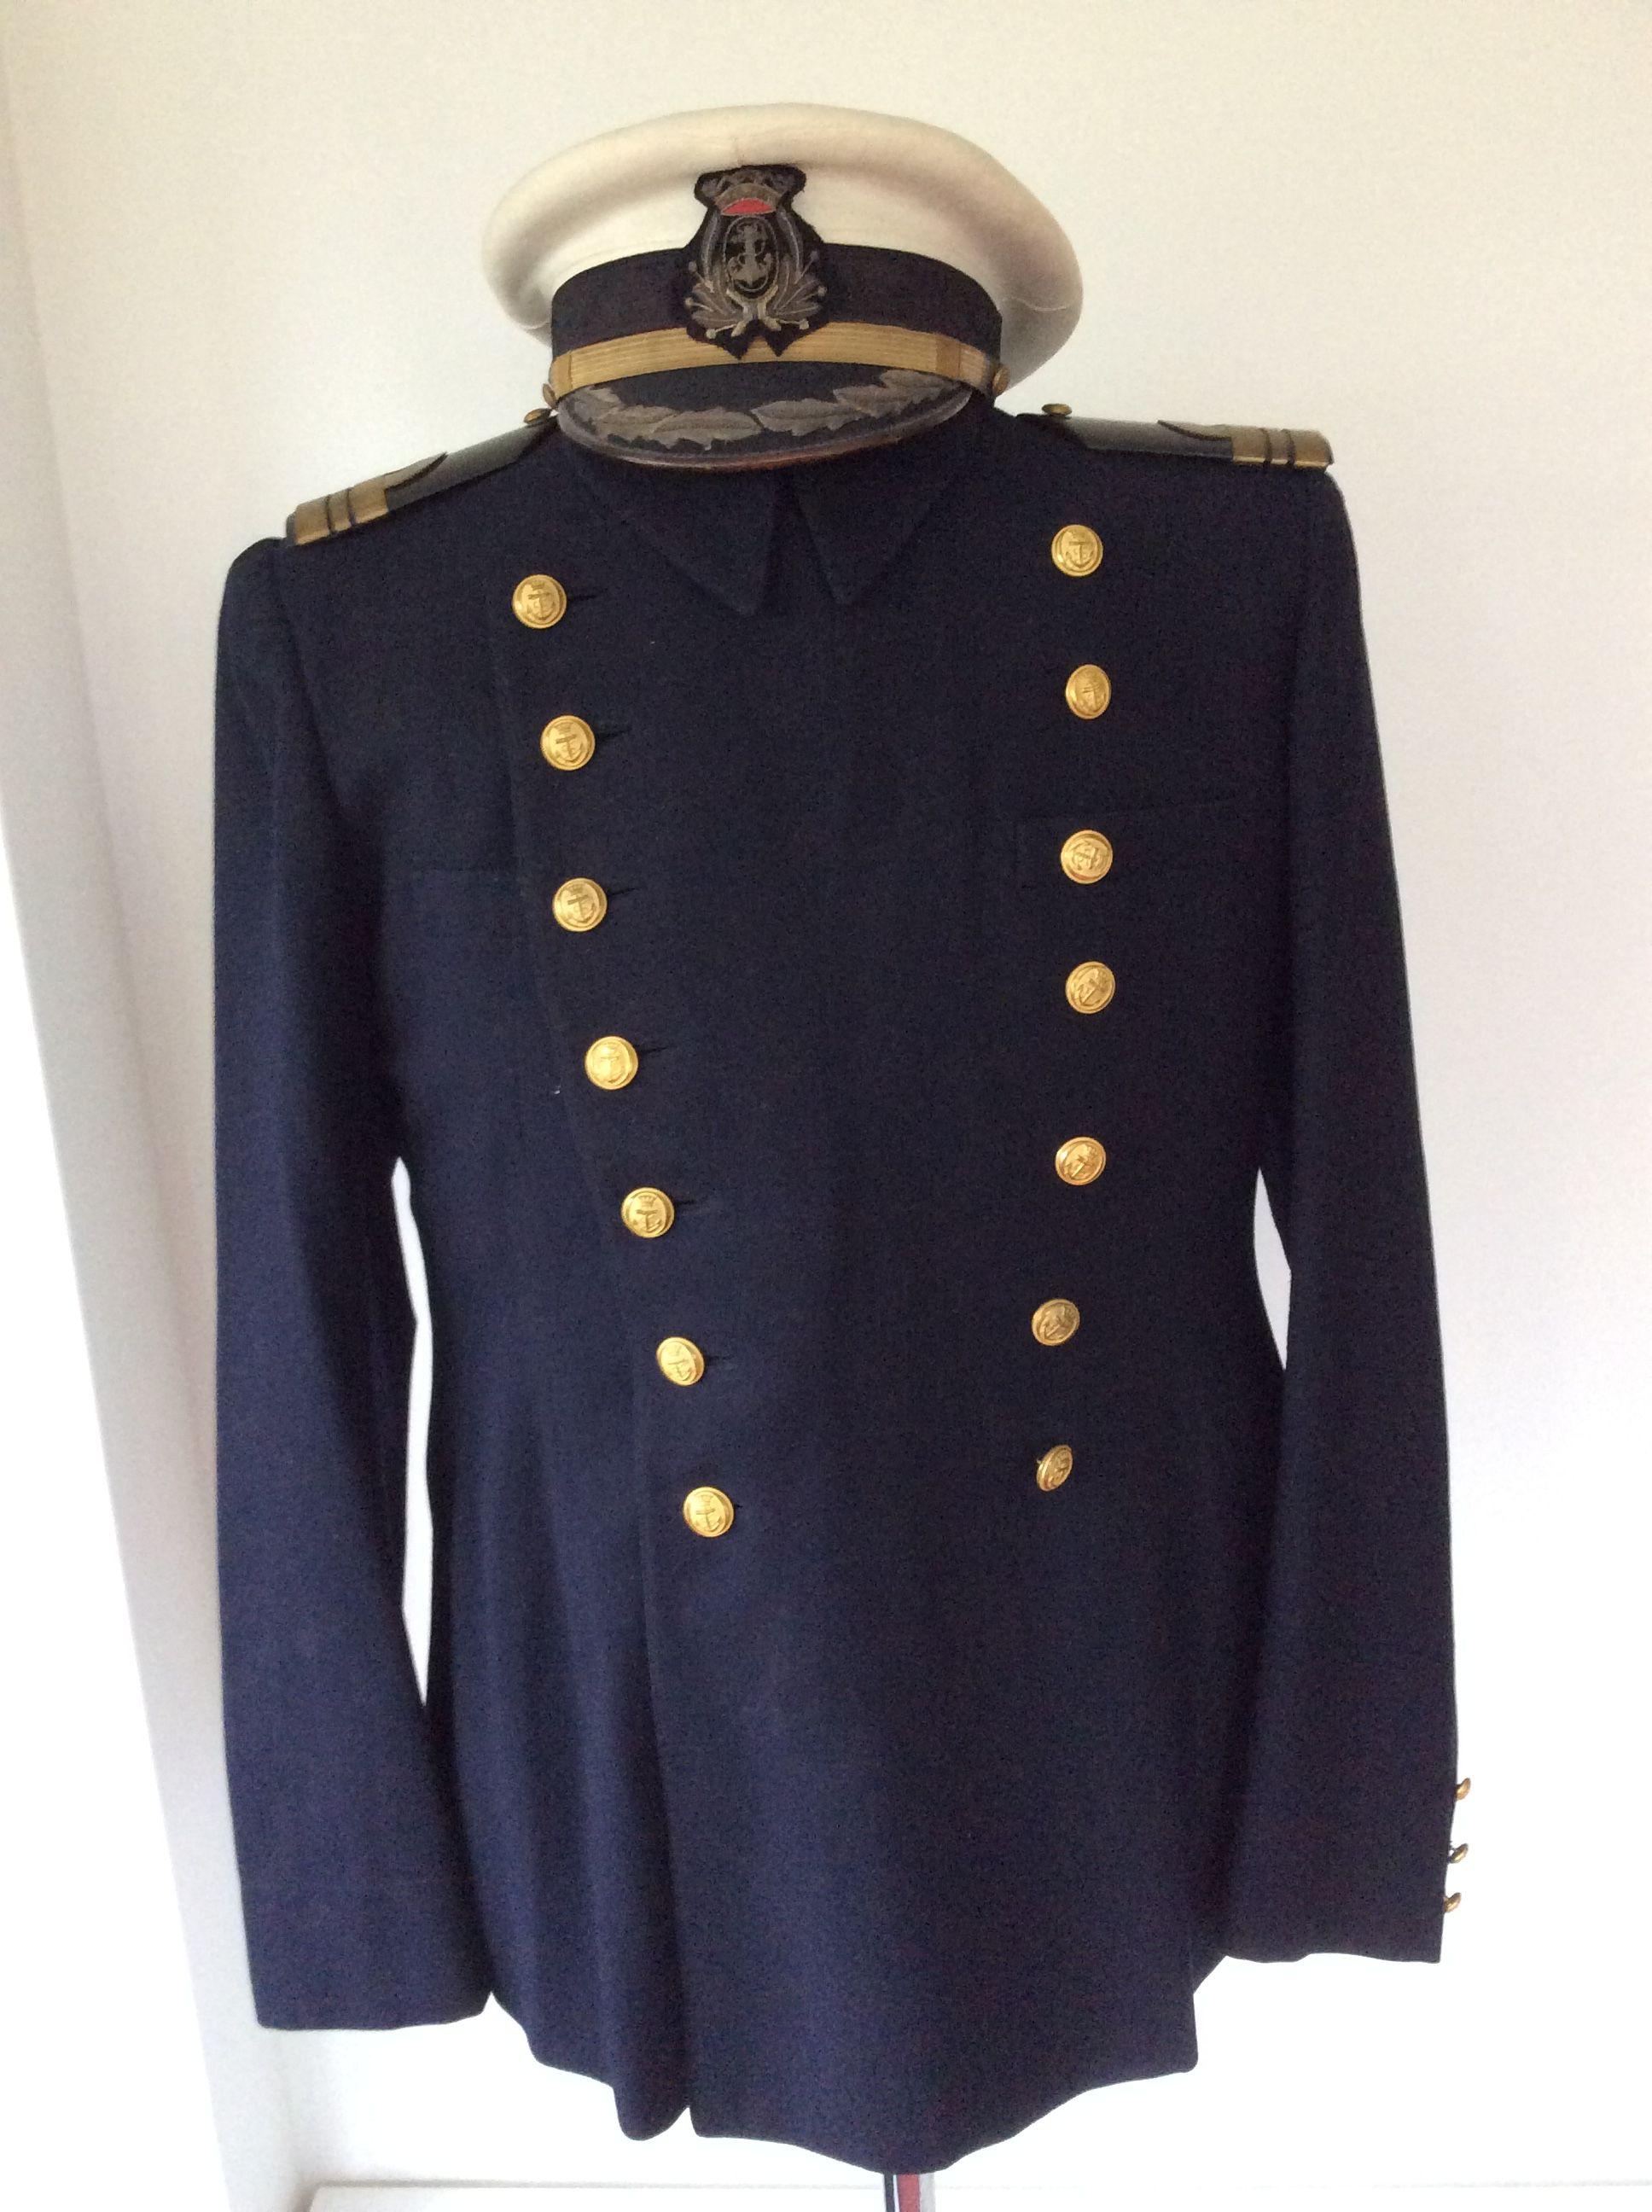 #Uniforme y gorra de plato blanca de Capitán de Corbeta de Guerra Civil 1936-1939.